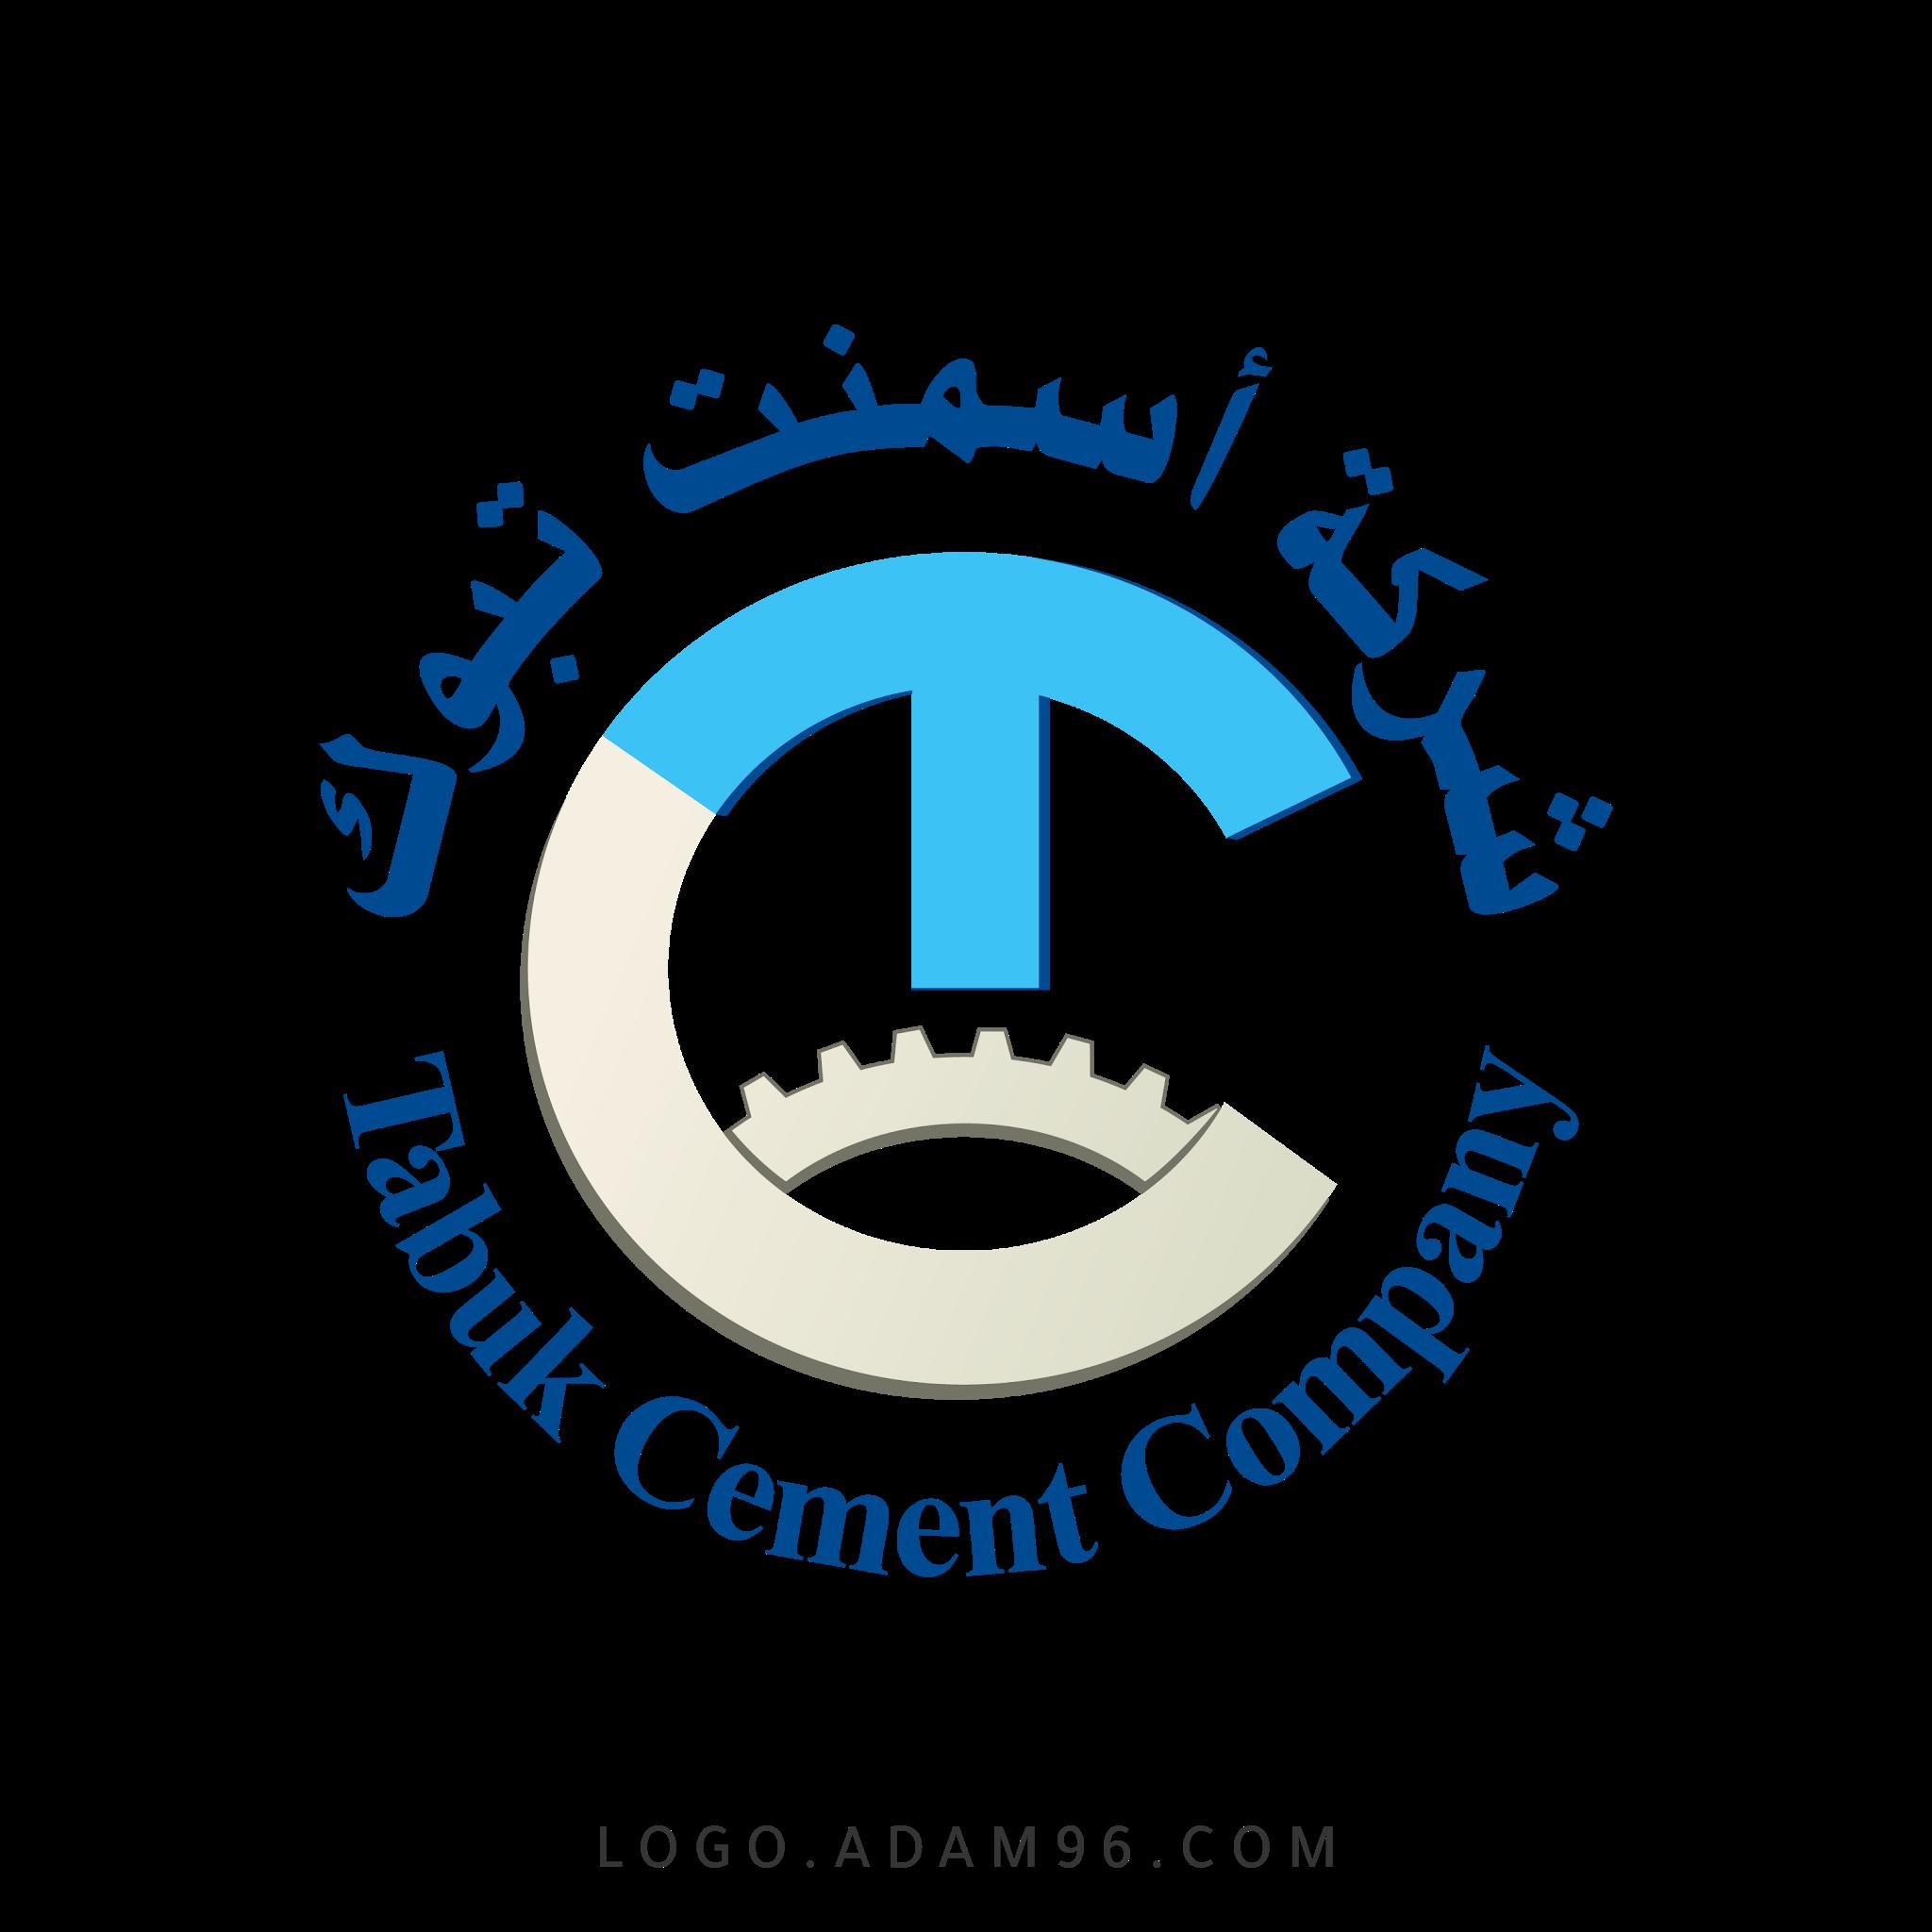 تحميل شعار شركة اسمنت تبوك عالي الجودة بصيغة شفافة PNG